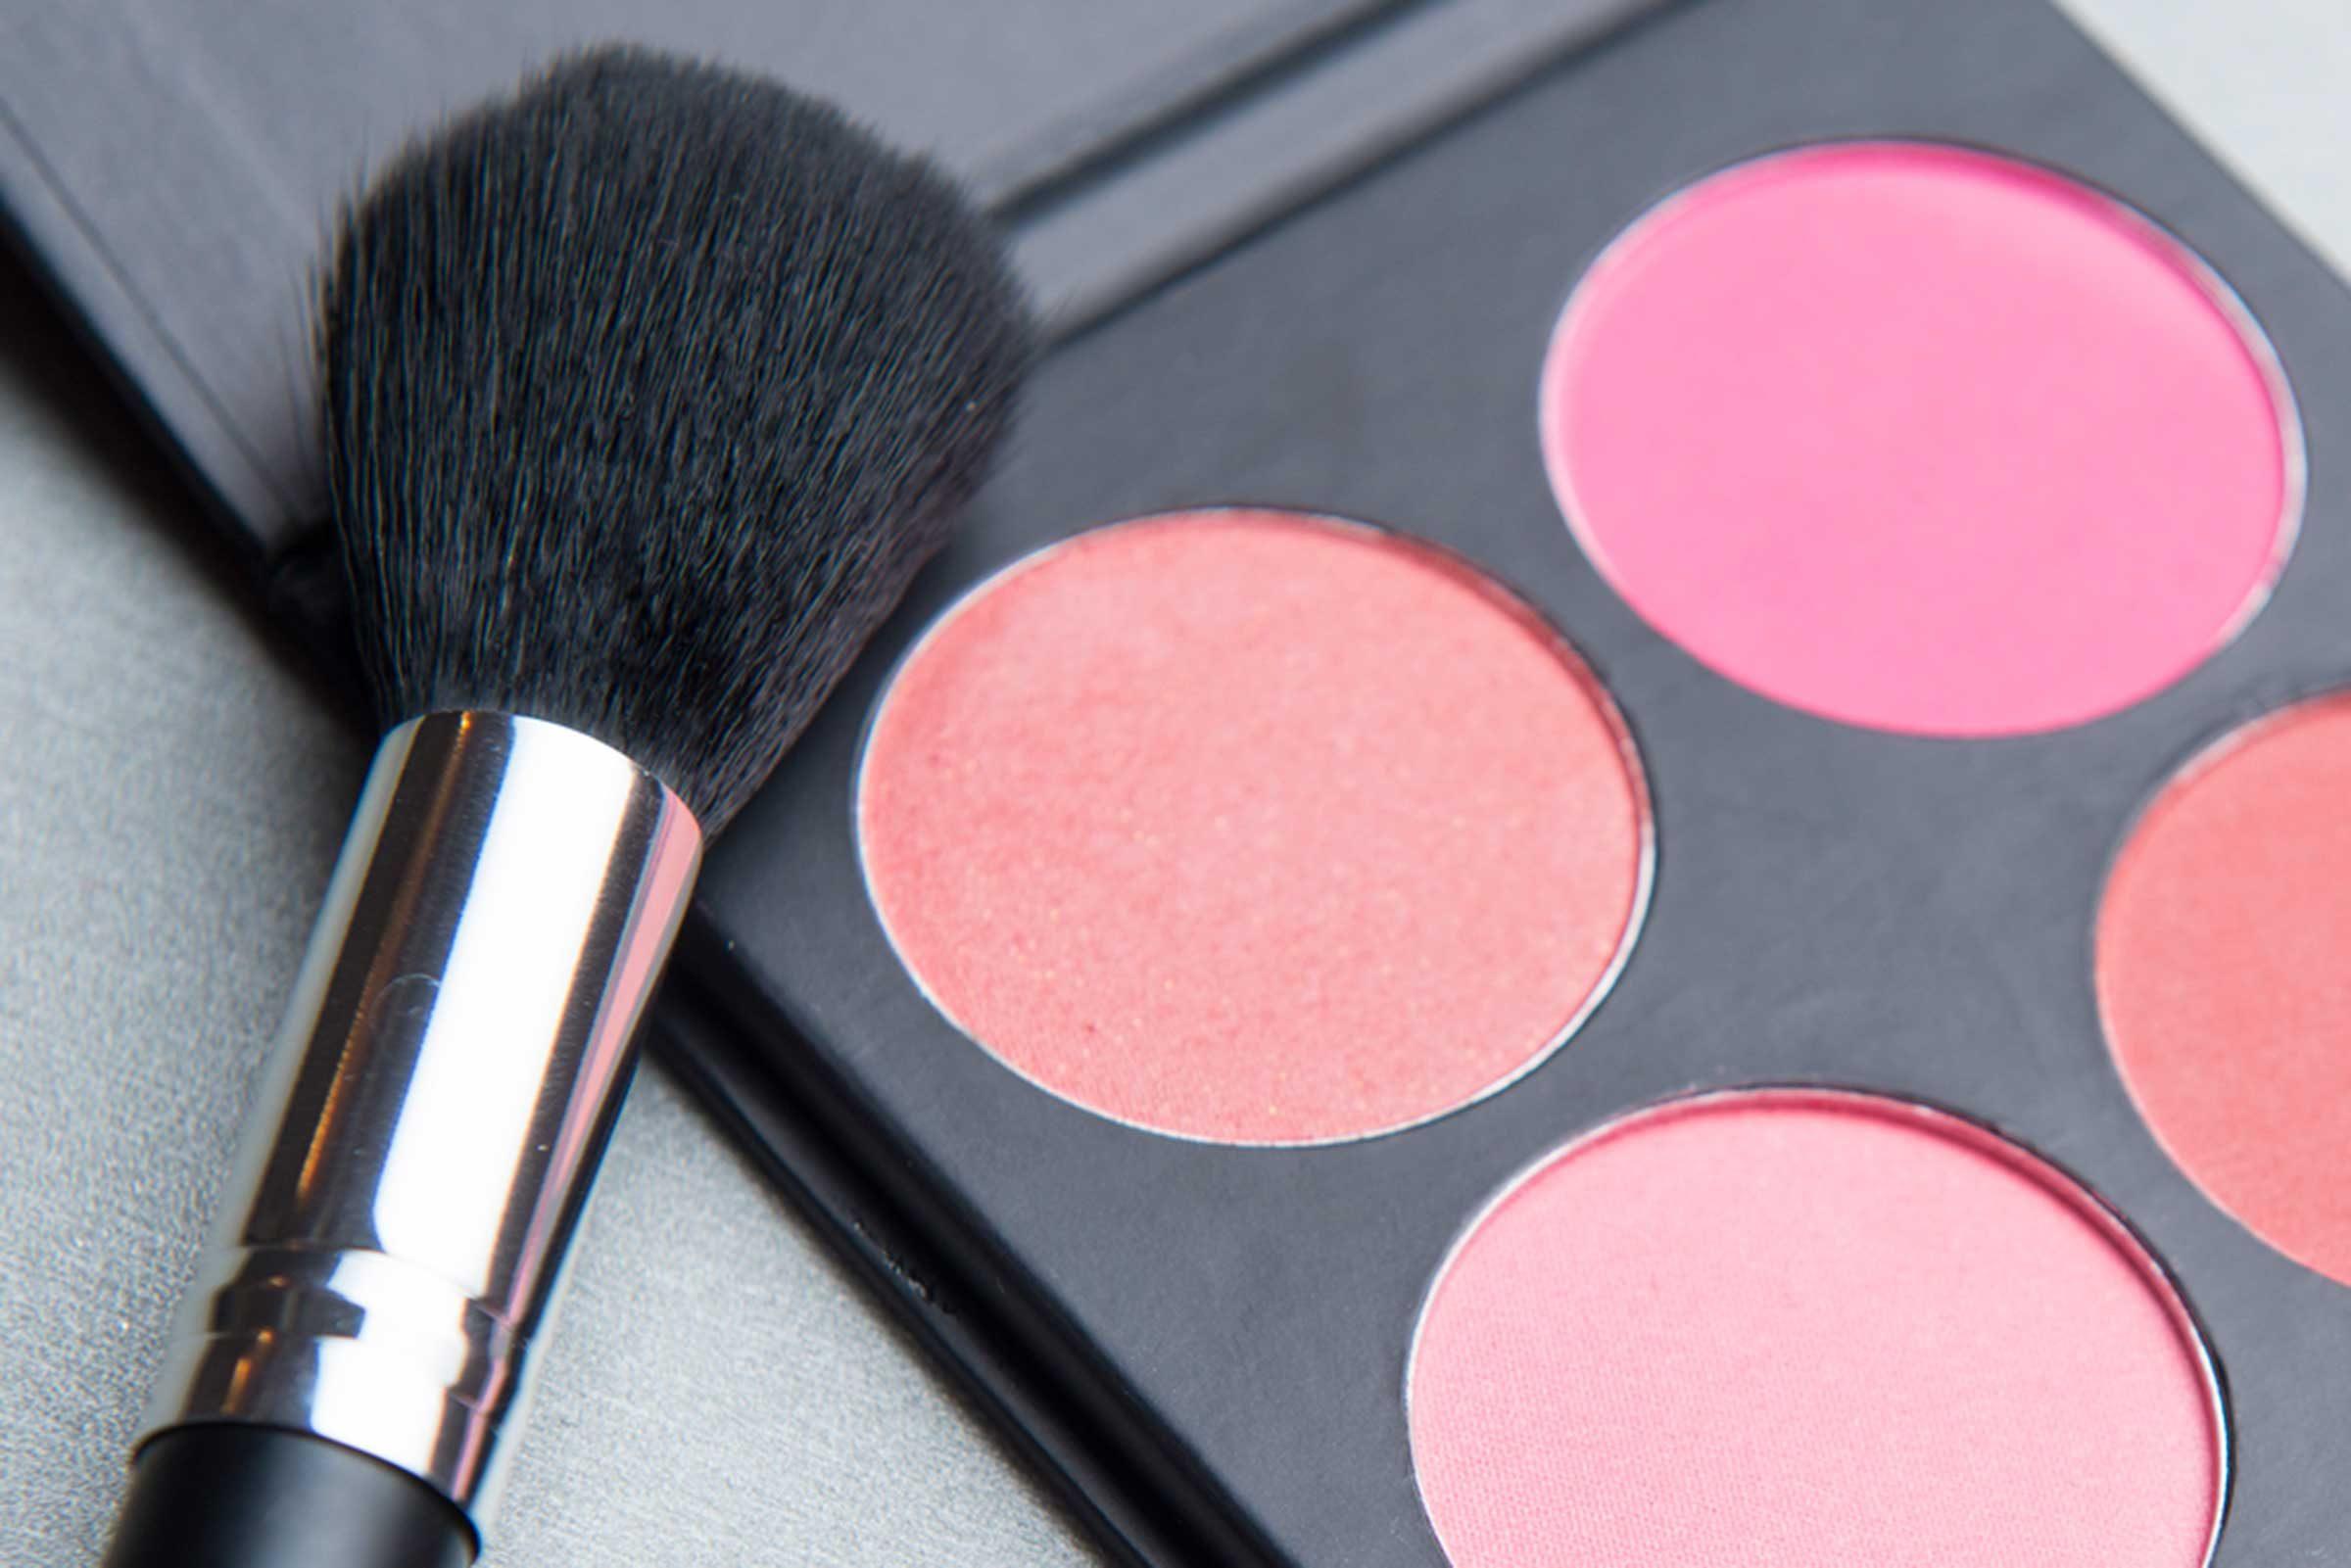 Beauté: Le maquillage donne une meilleure version de vous-même